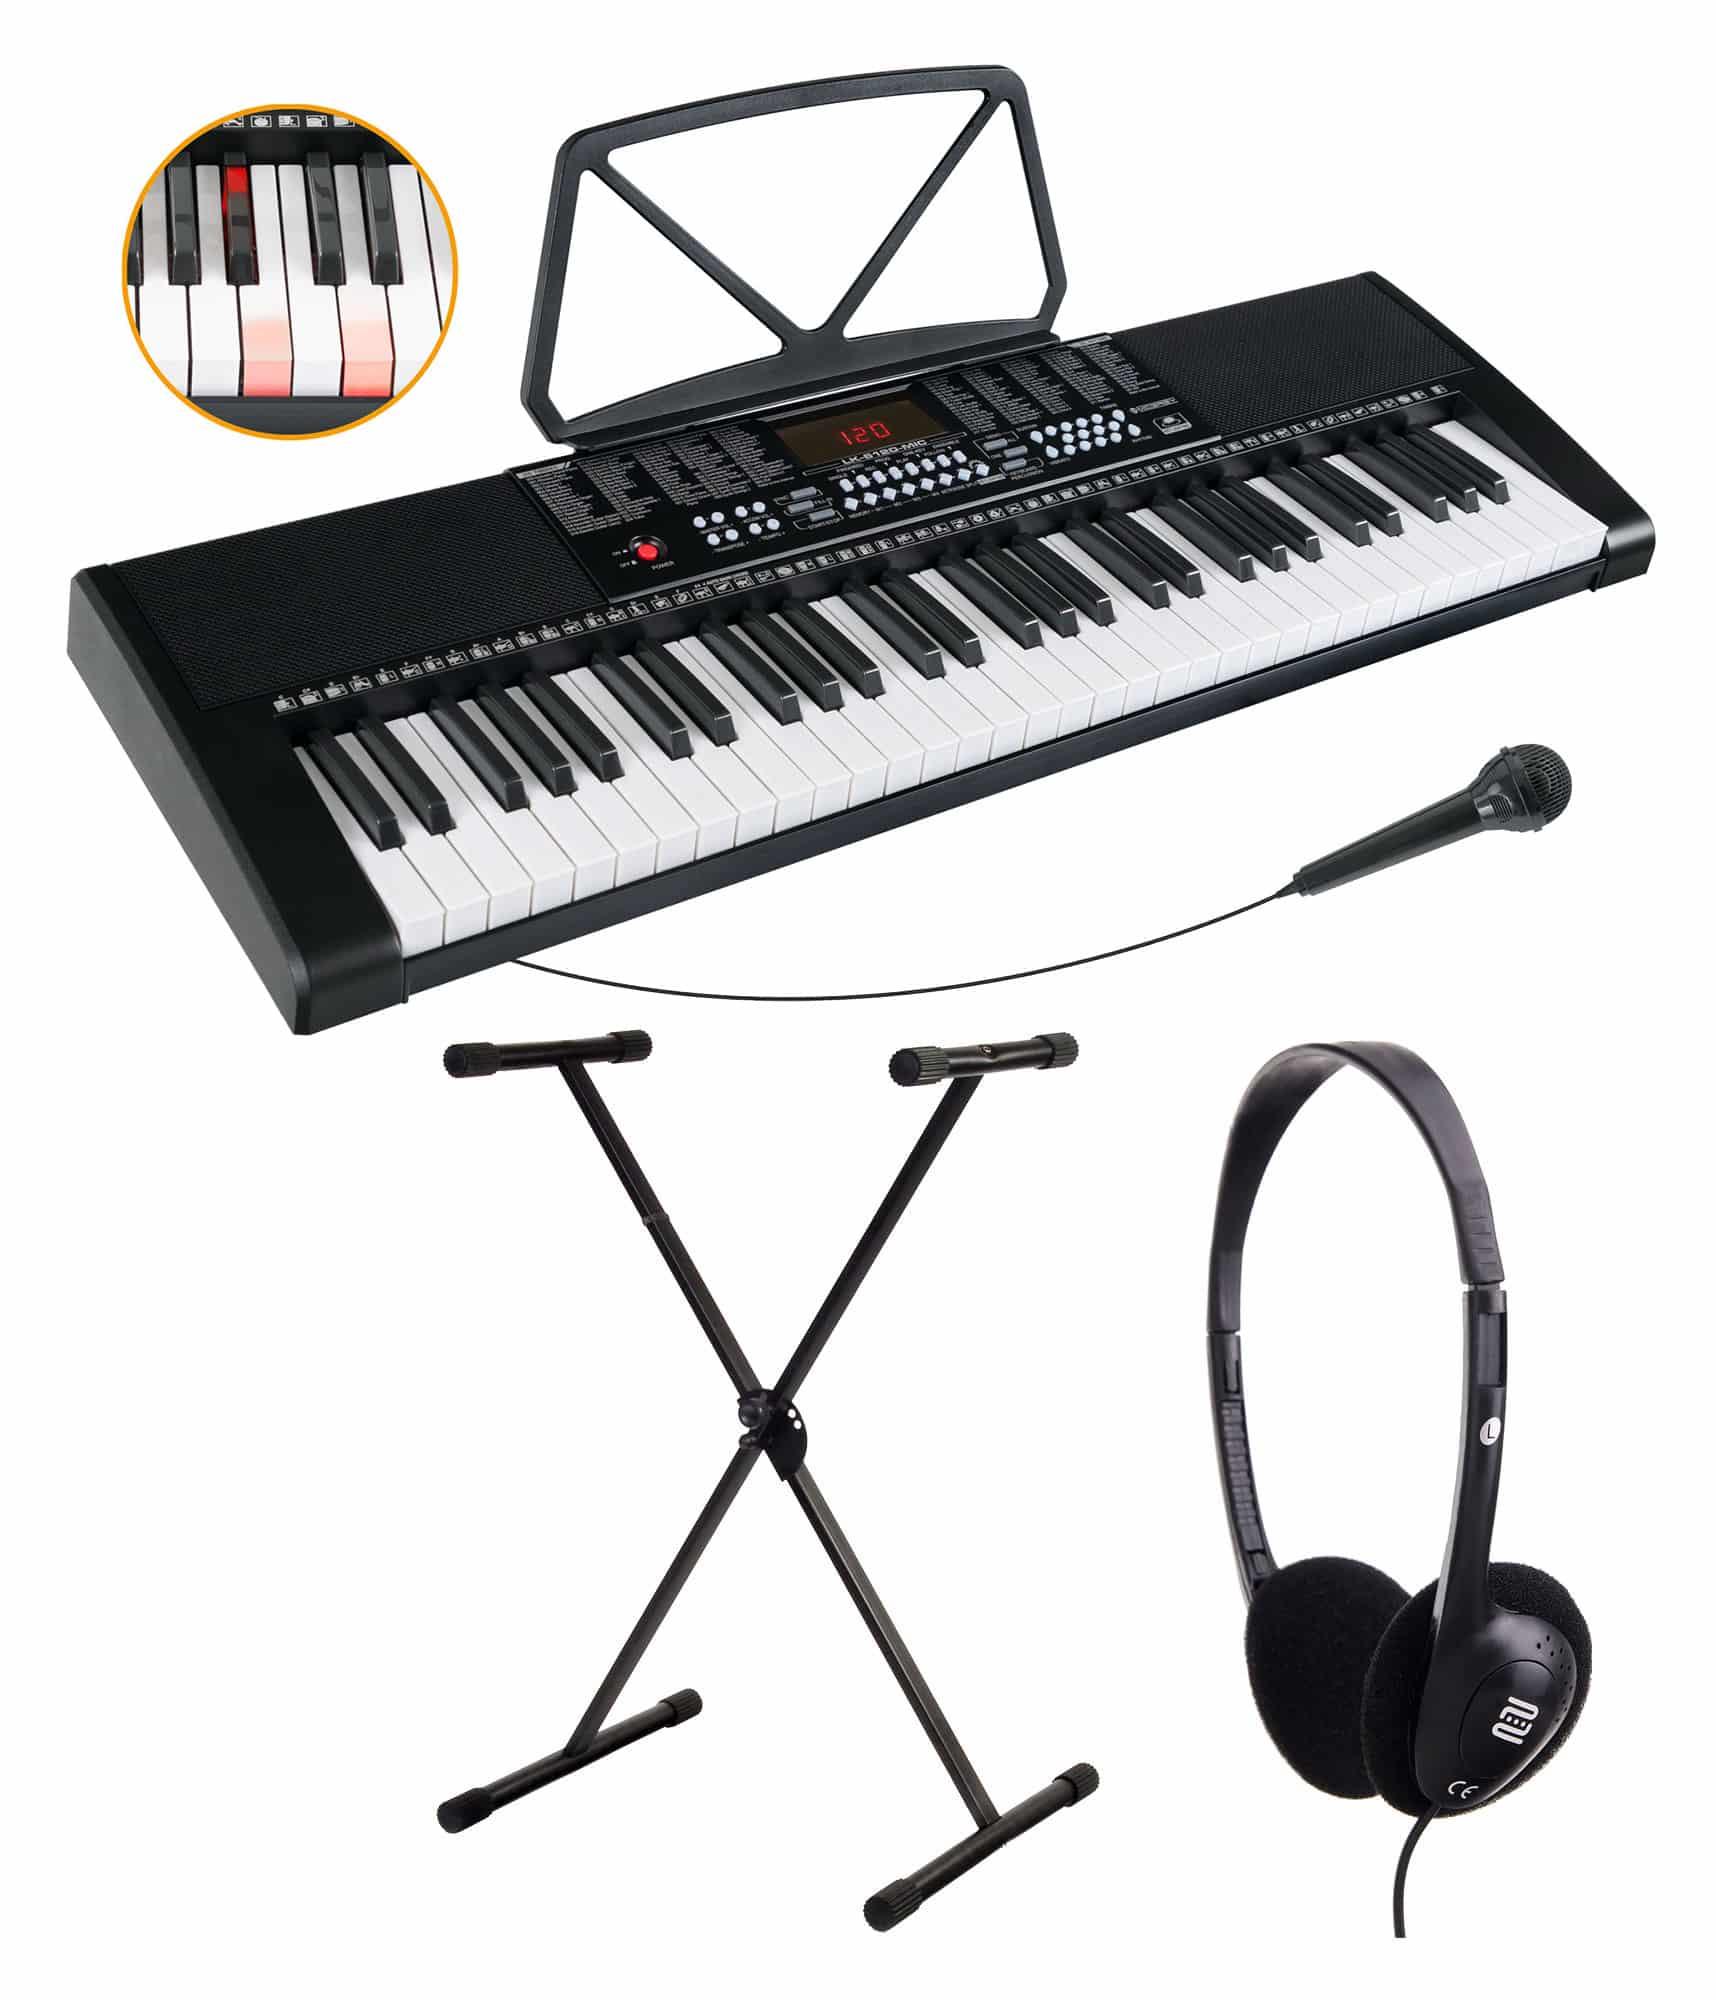 Homekeyboards - McGrey LK 6120 MIC Leuchttasten Keyboard mit Mikrofon Set inkl. Ständer und Kopfhörer schwarz - Onlineshop Musikhaus Kirstein